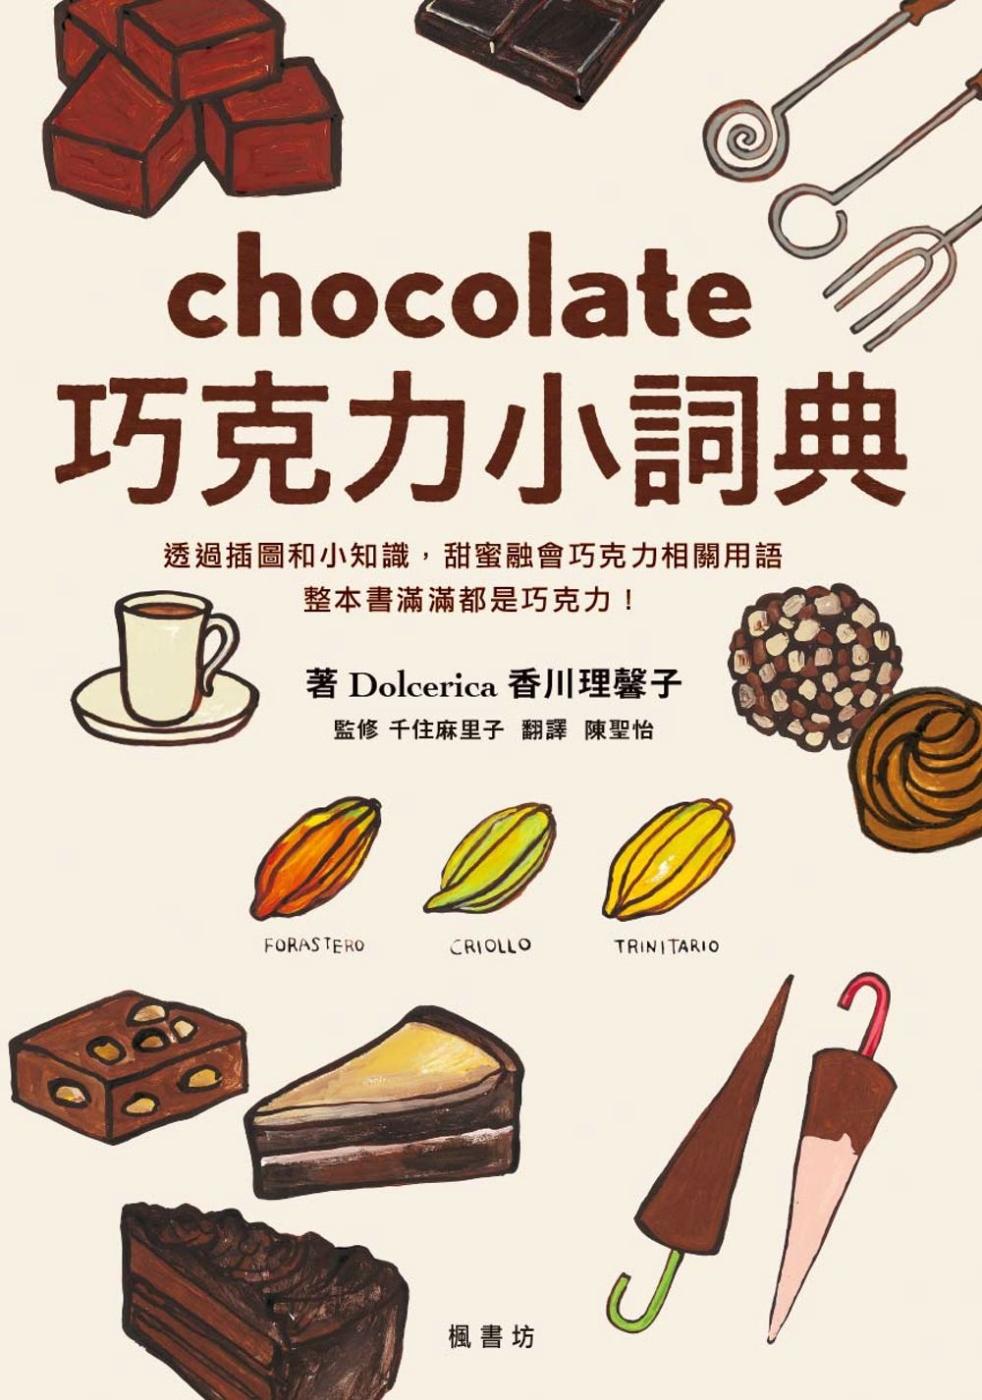 巧克力小詞典 萬用豆知識5